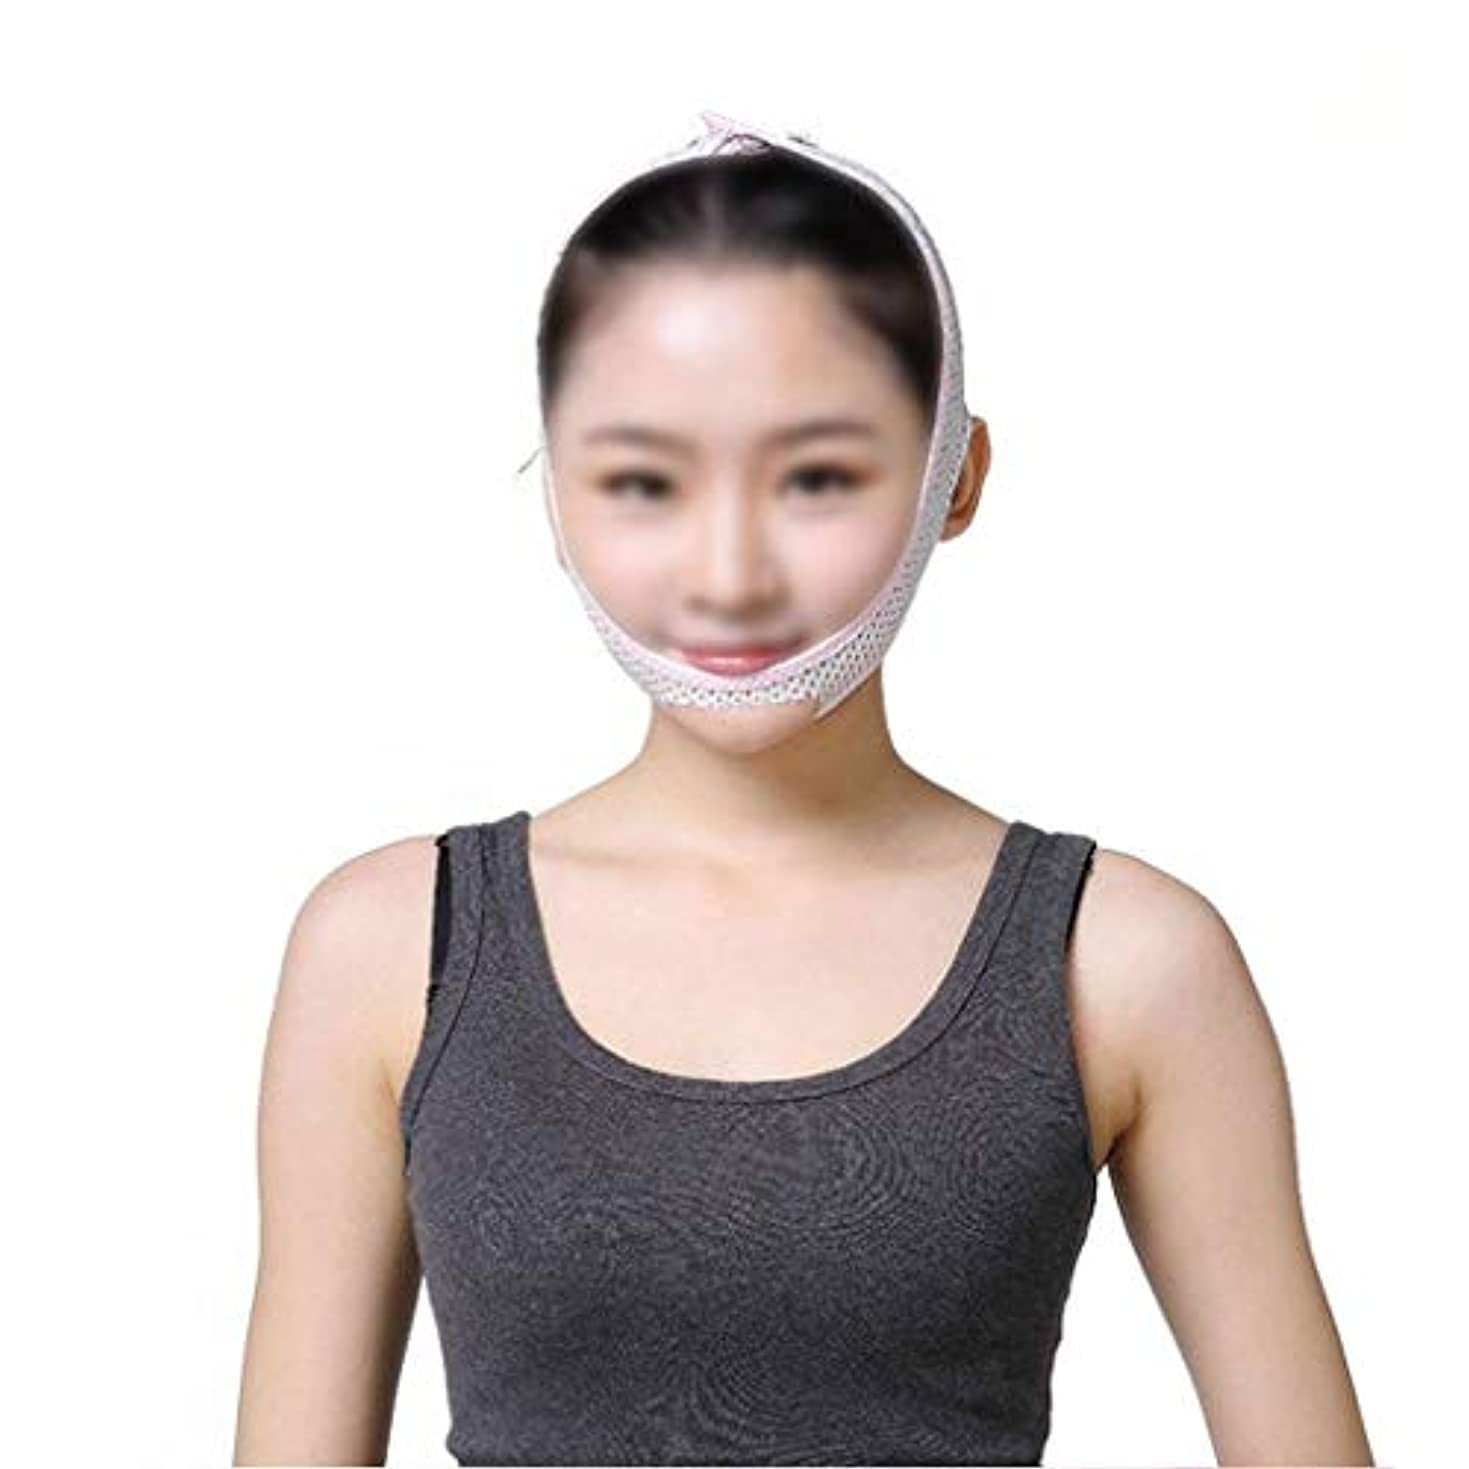 仲間、同僚感嘆上フェイスリフティングマスク、快適で リフティングスキンファーミングスリープシンフェイスアーティファクトアンチリンクル/リムーブダブルチン/術後回復マスク(サイズ:M)